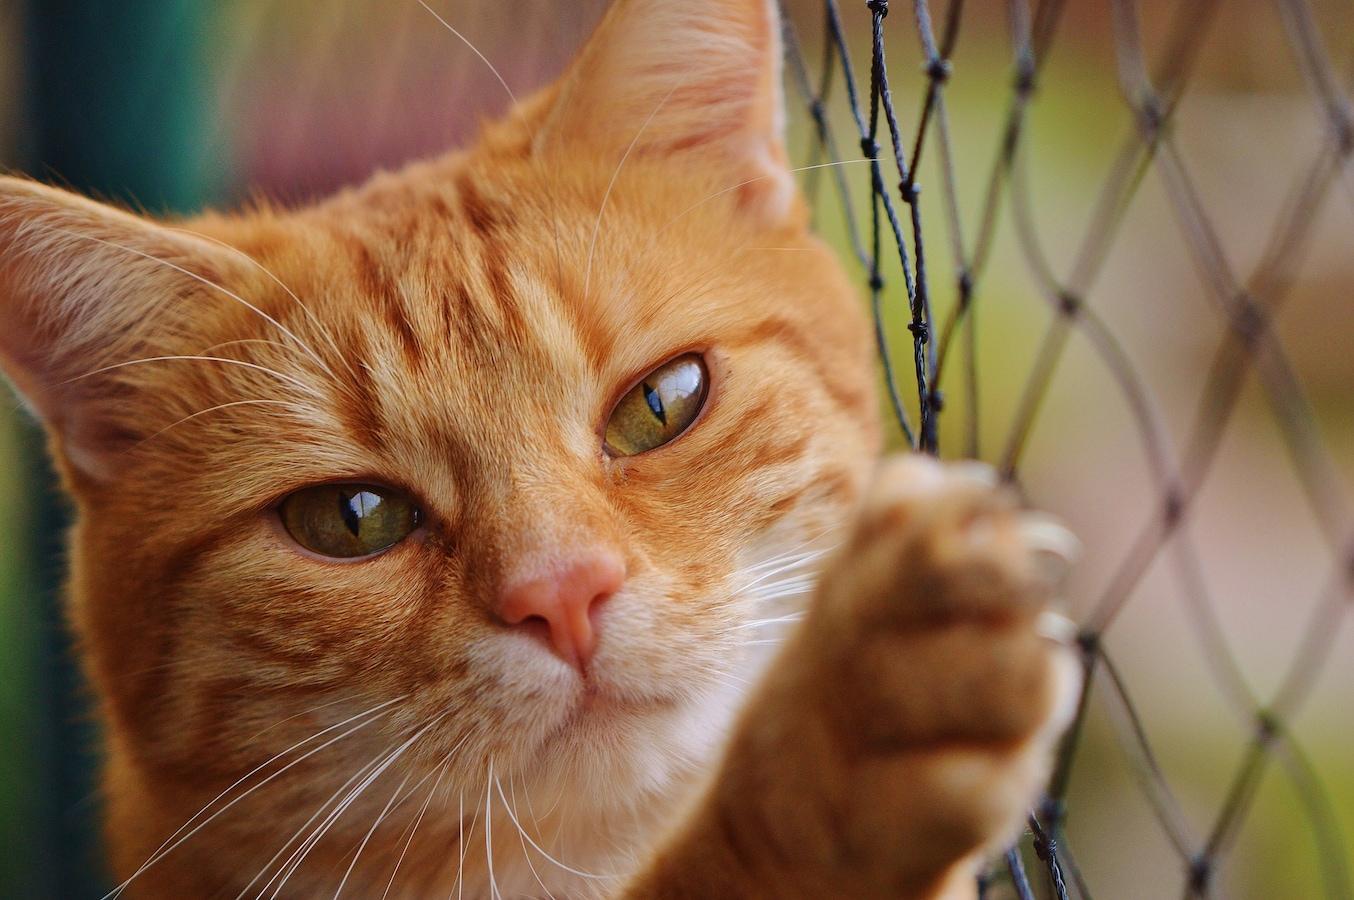 て 猫 いけない 食べ もの は